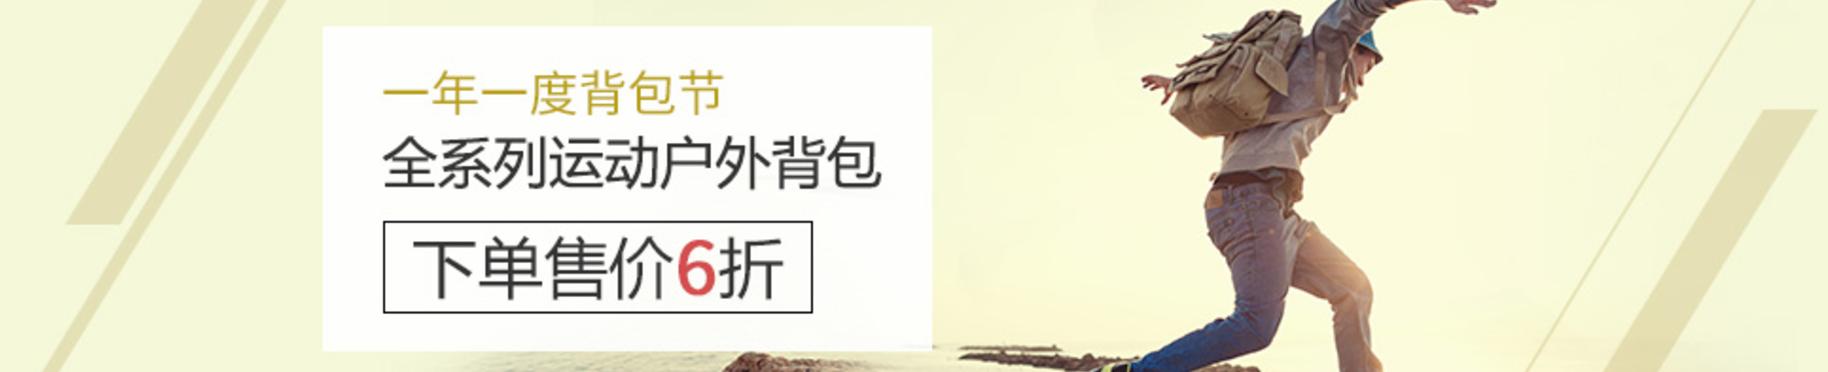 手慢无-亚马逊中国背包节,大波6折特价背包